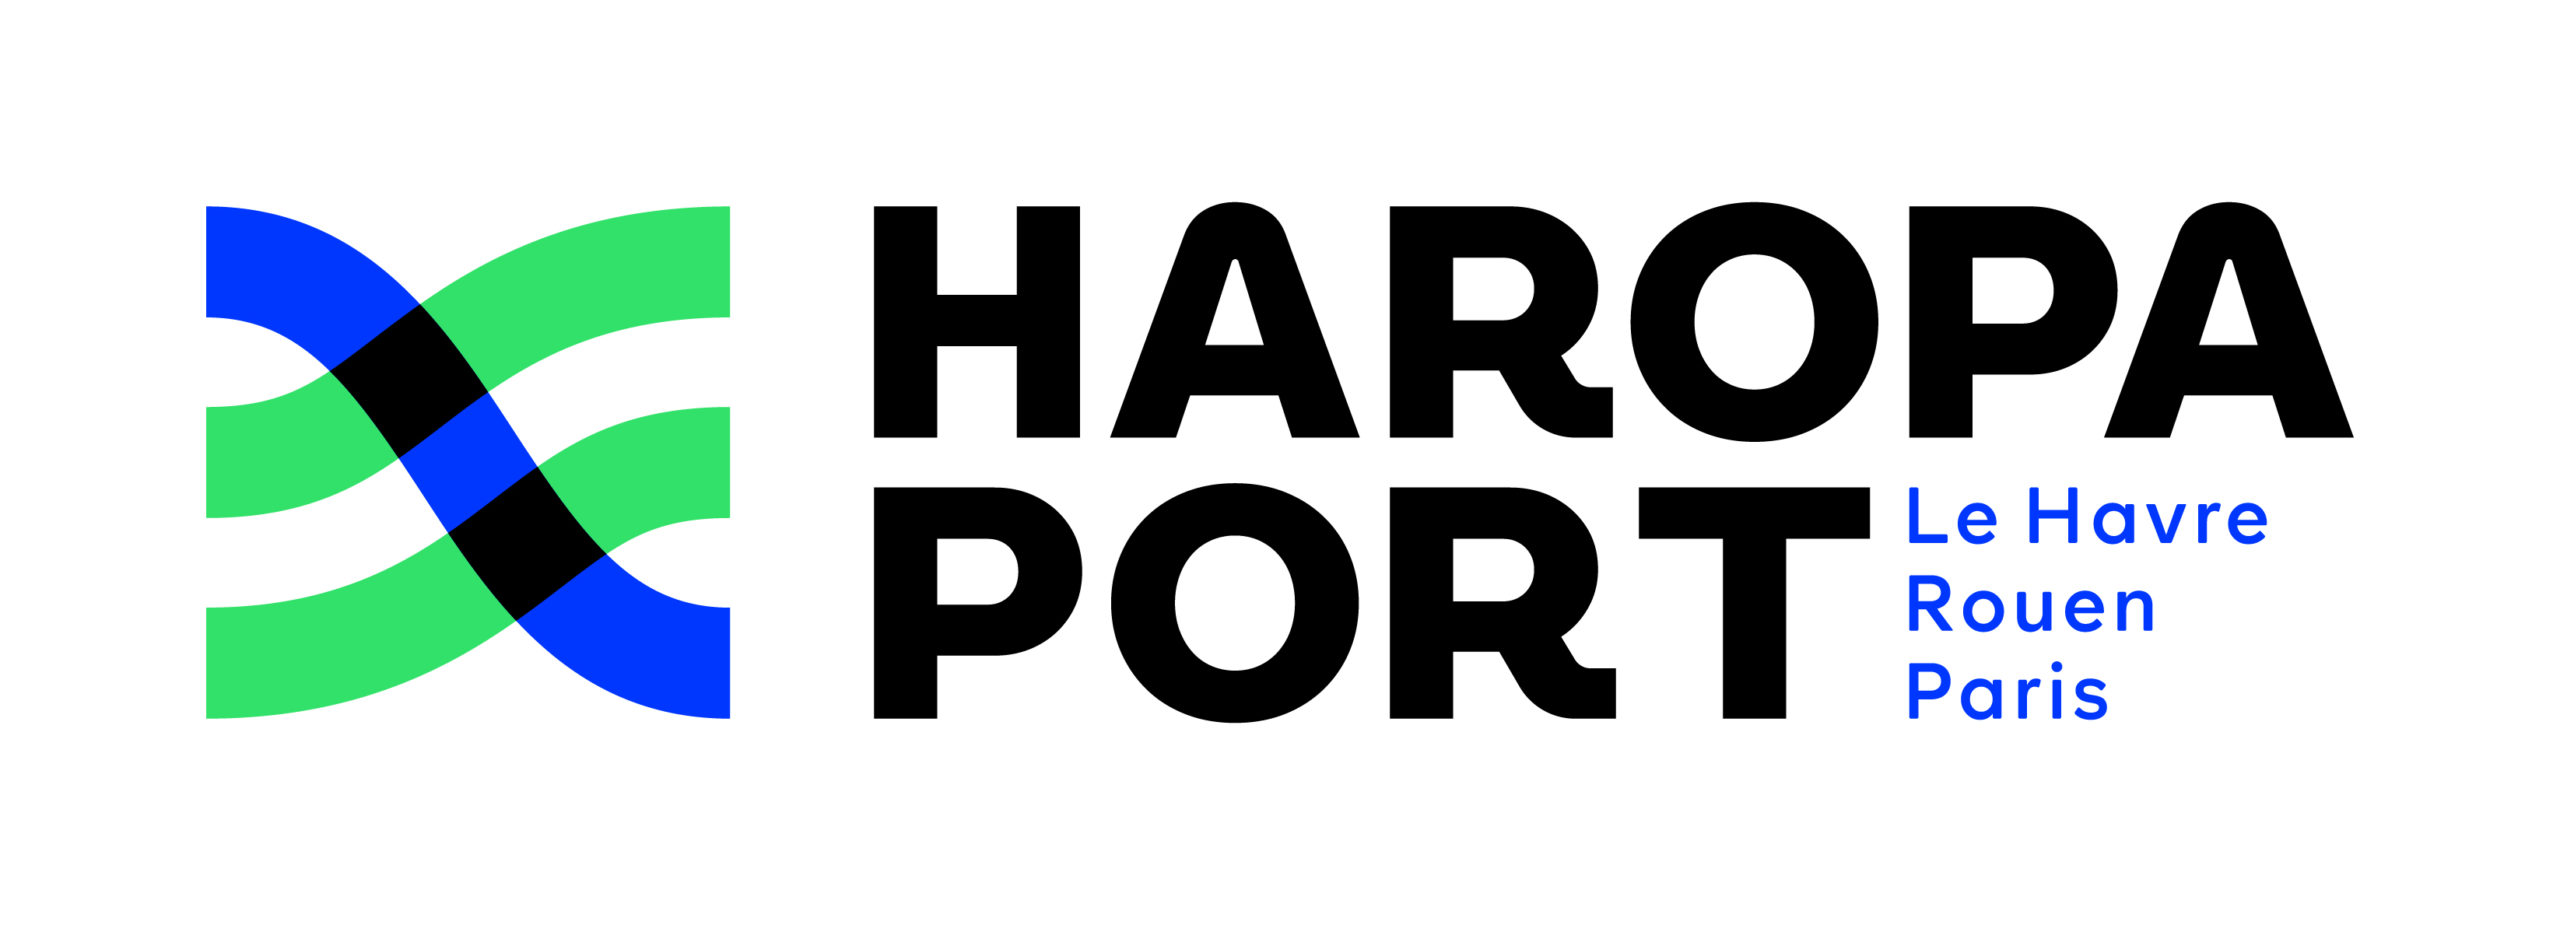 Haropa | ADC | L'Agence De Contenu